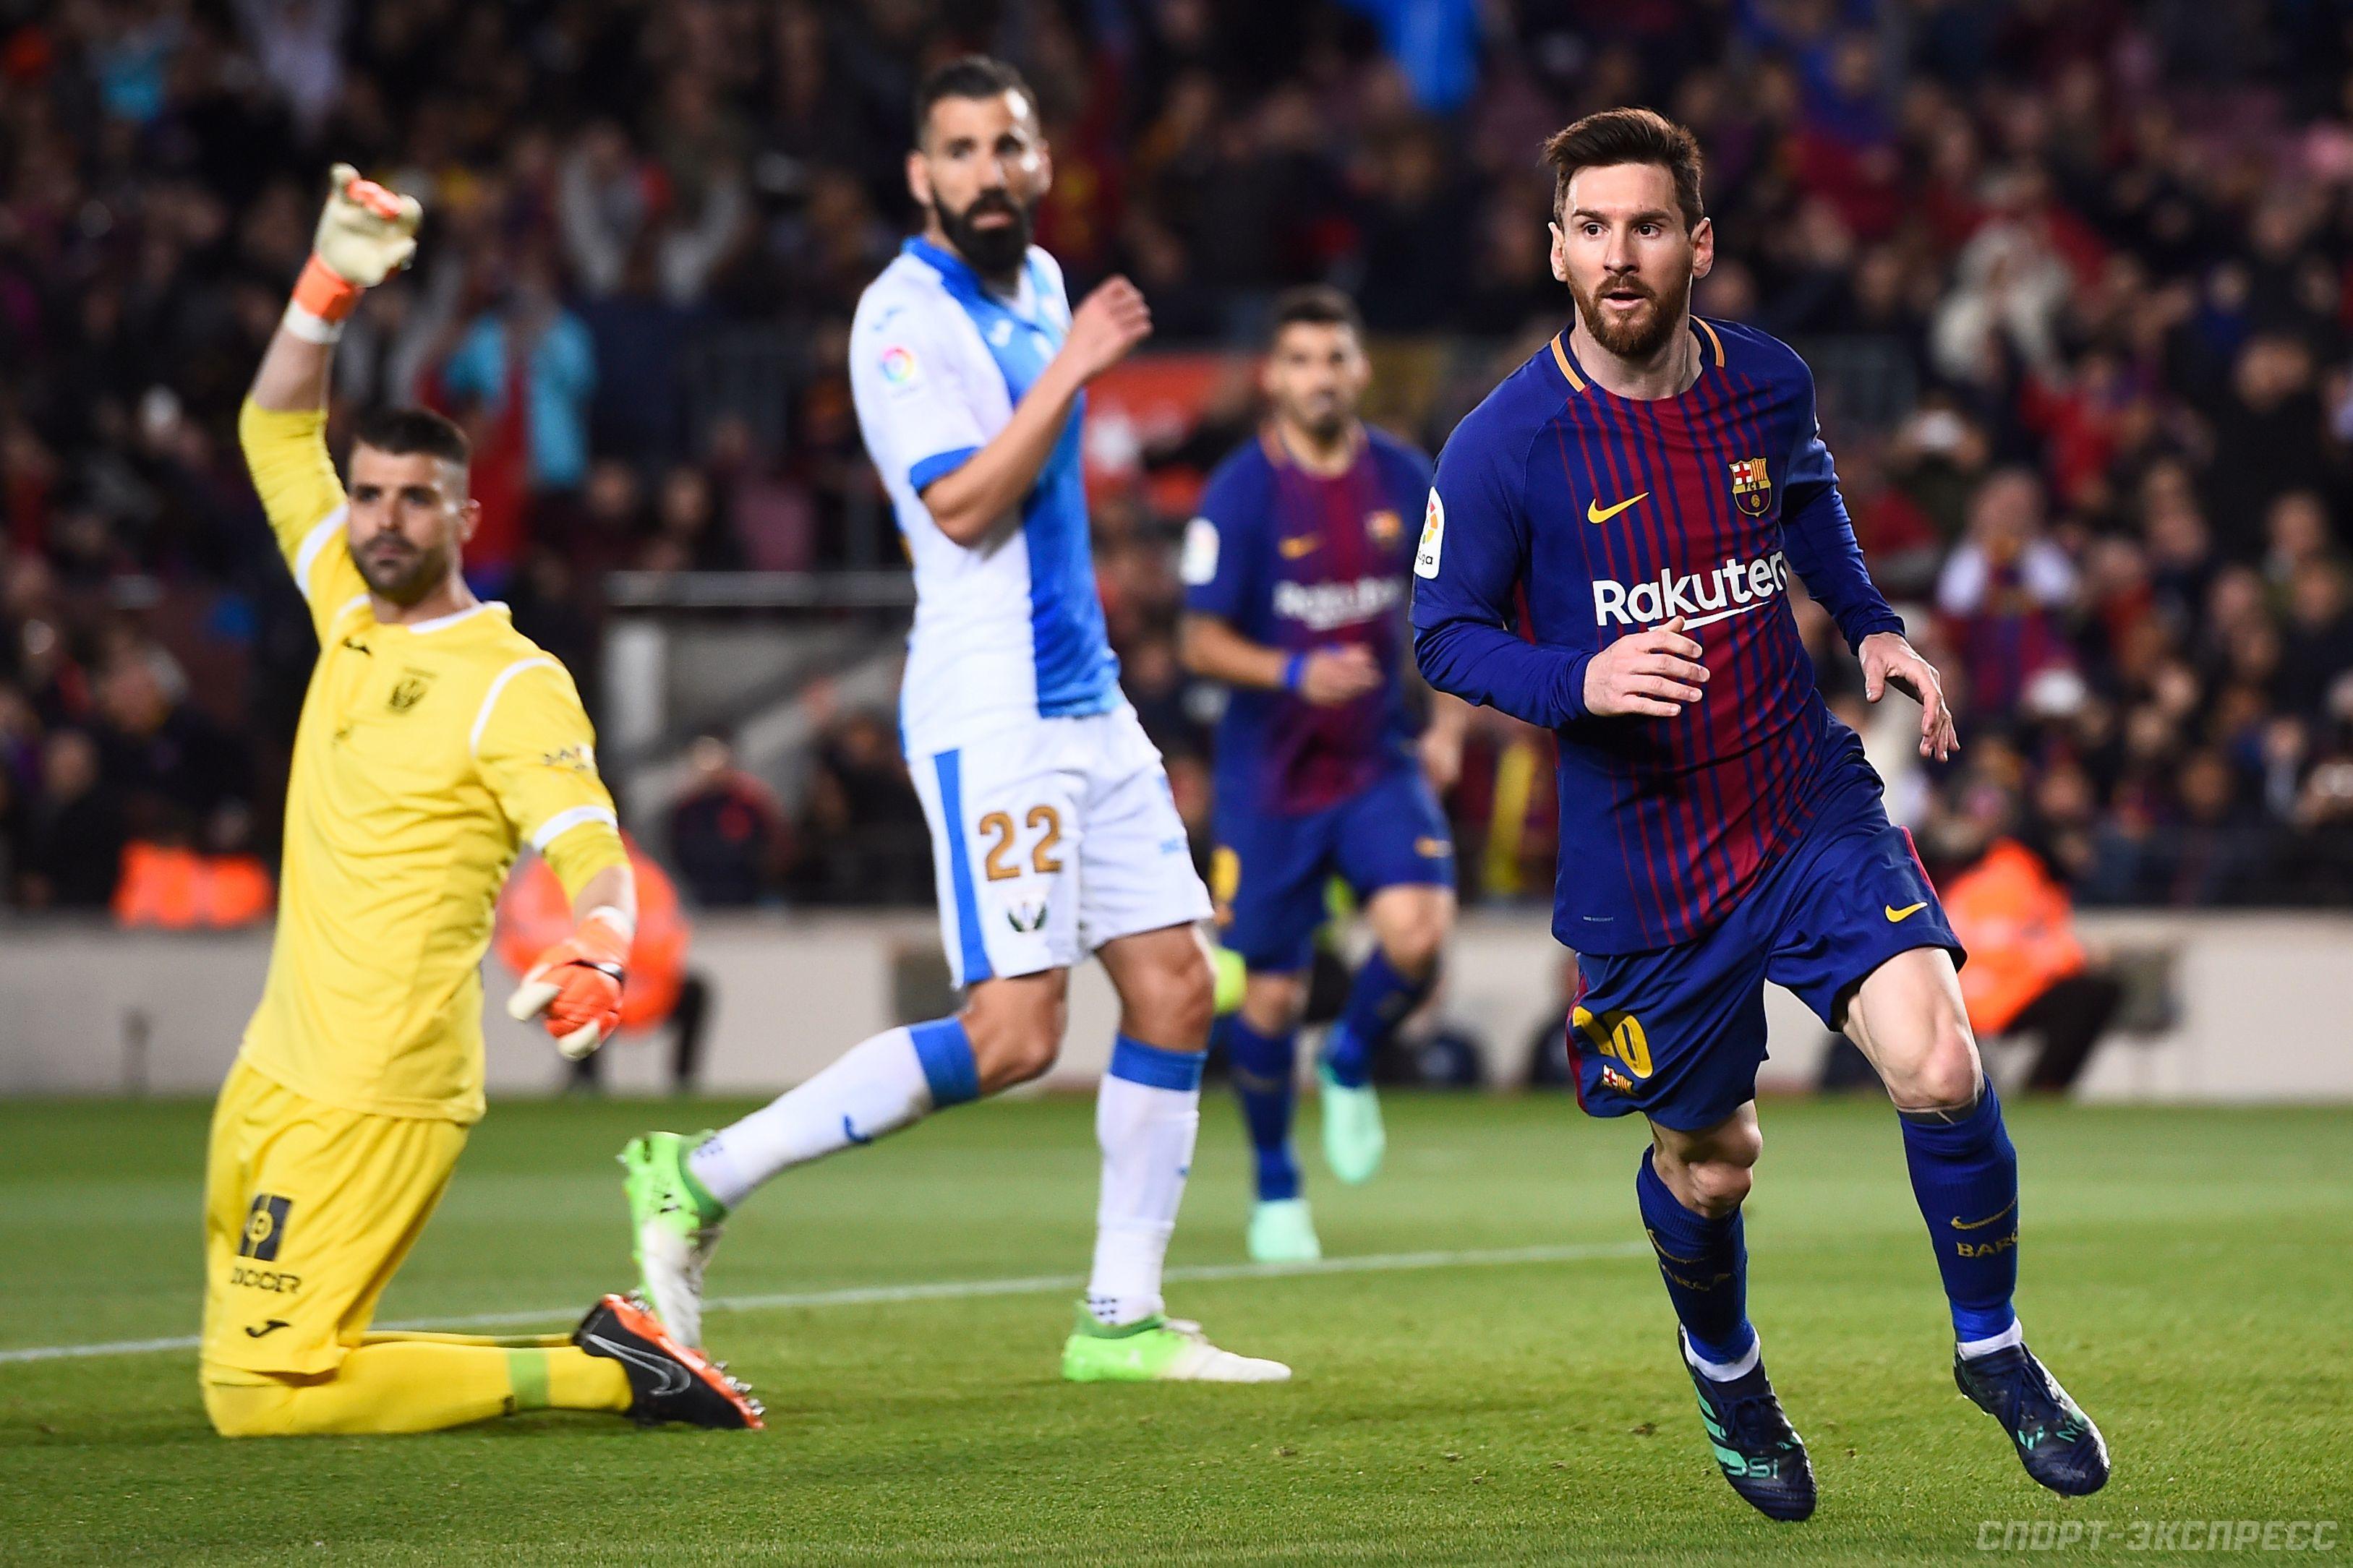 Барселона – Атлетик. Актуальный прогноз на матч 29.09.2018